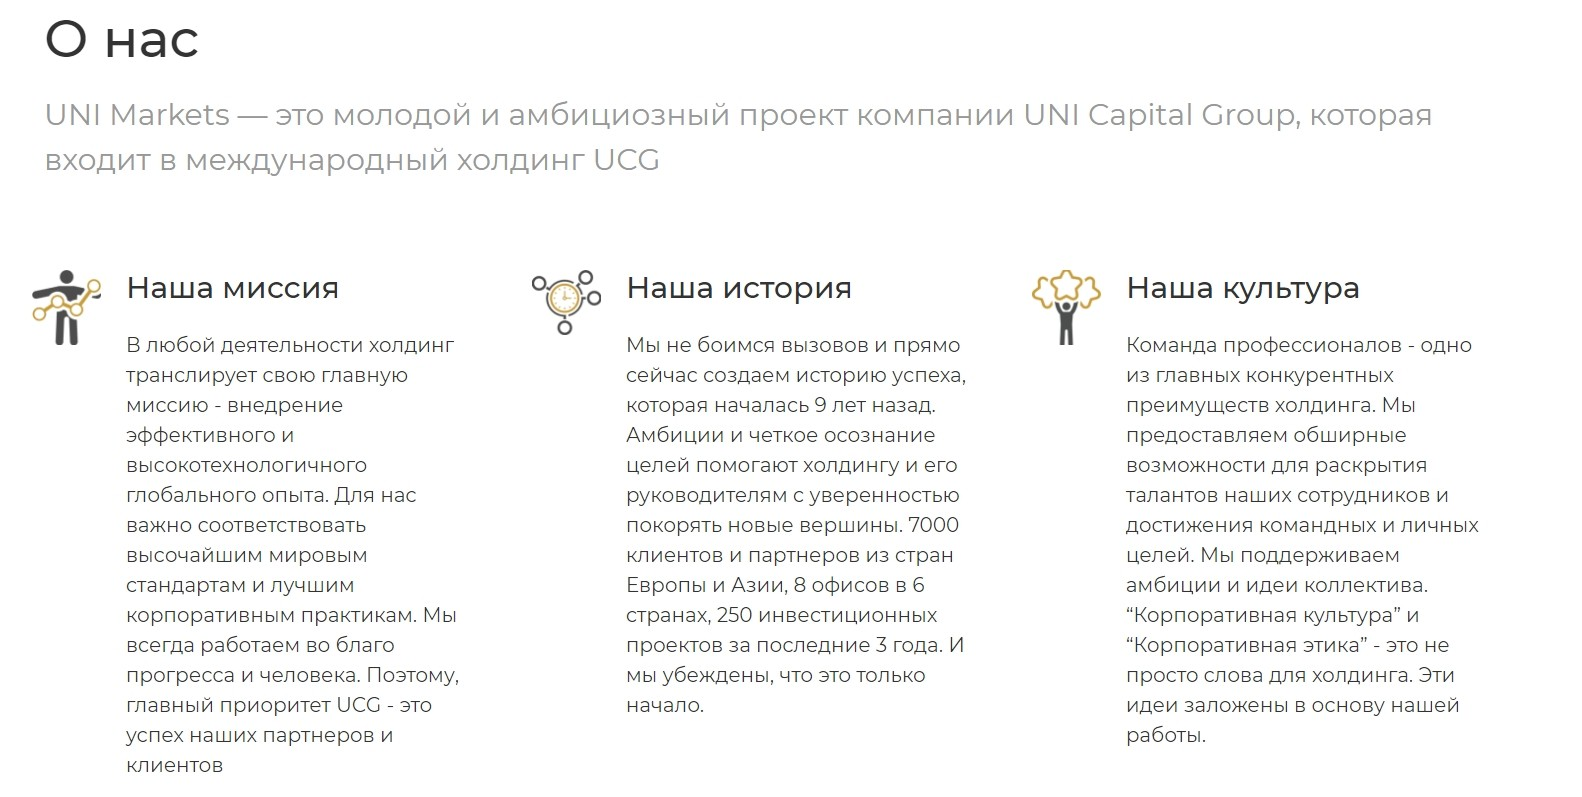 Информация о платформе UniMarkets